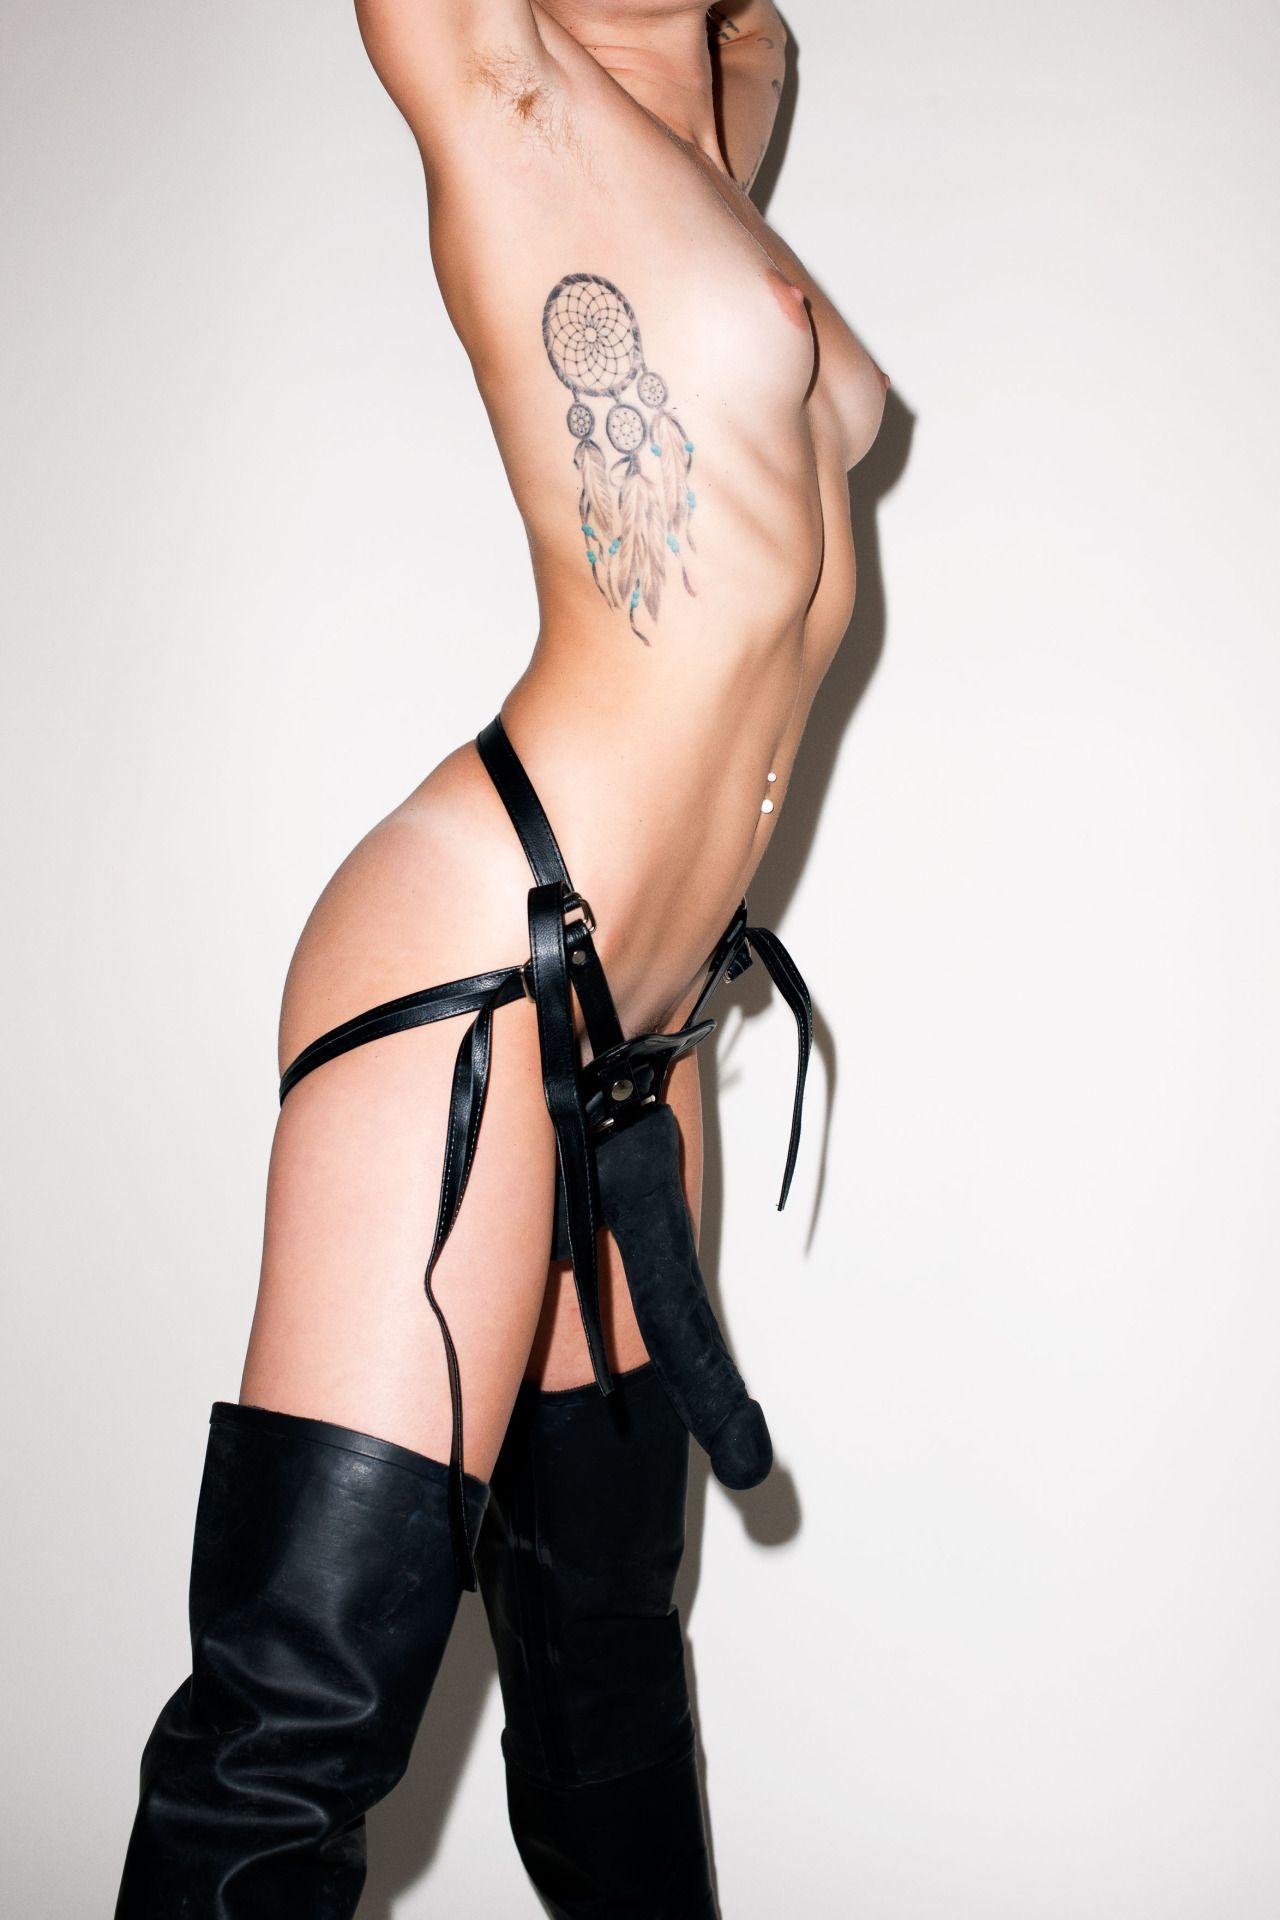 Miley-Cyrus-Nude-3